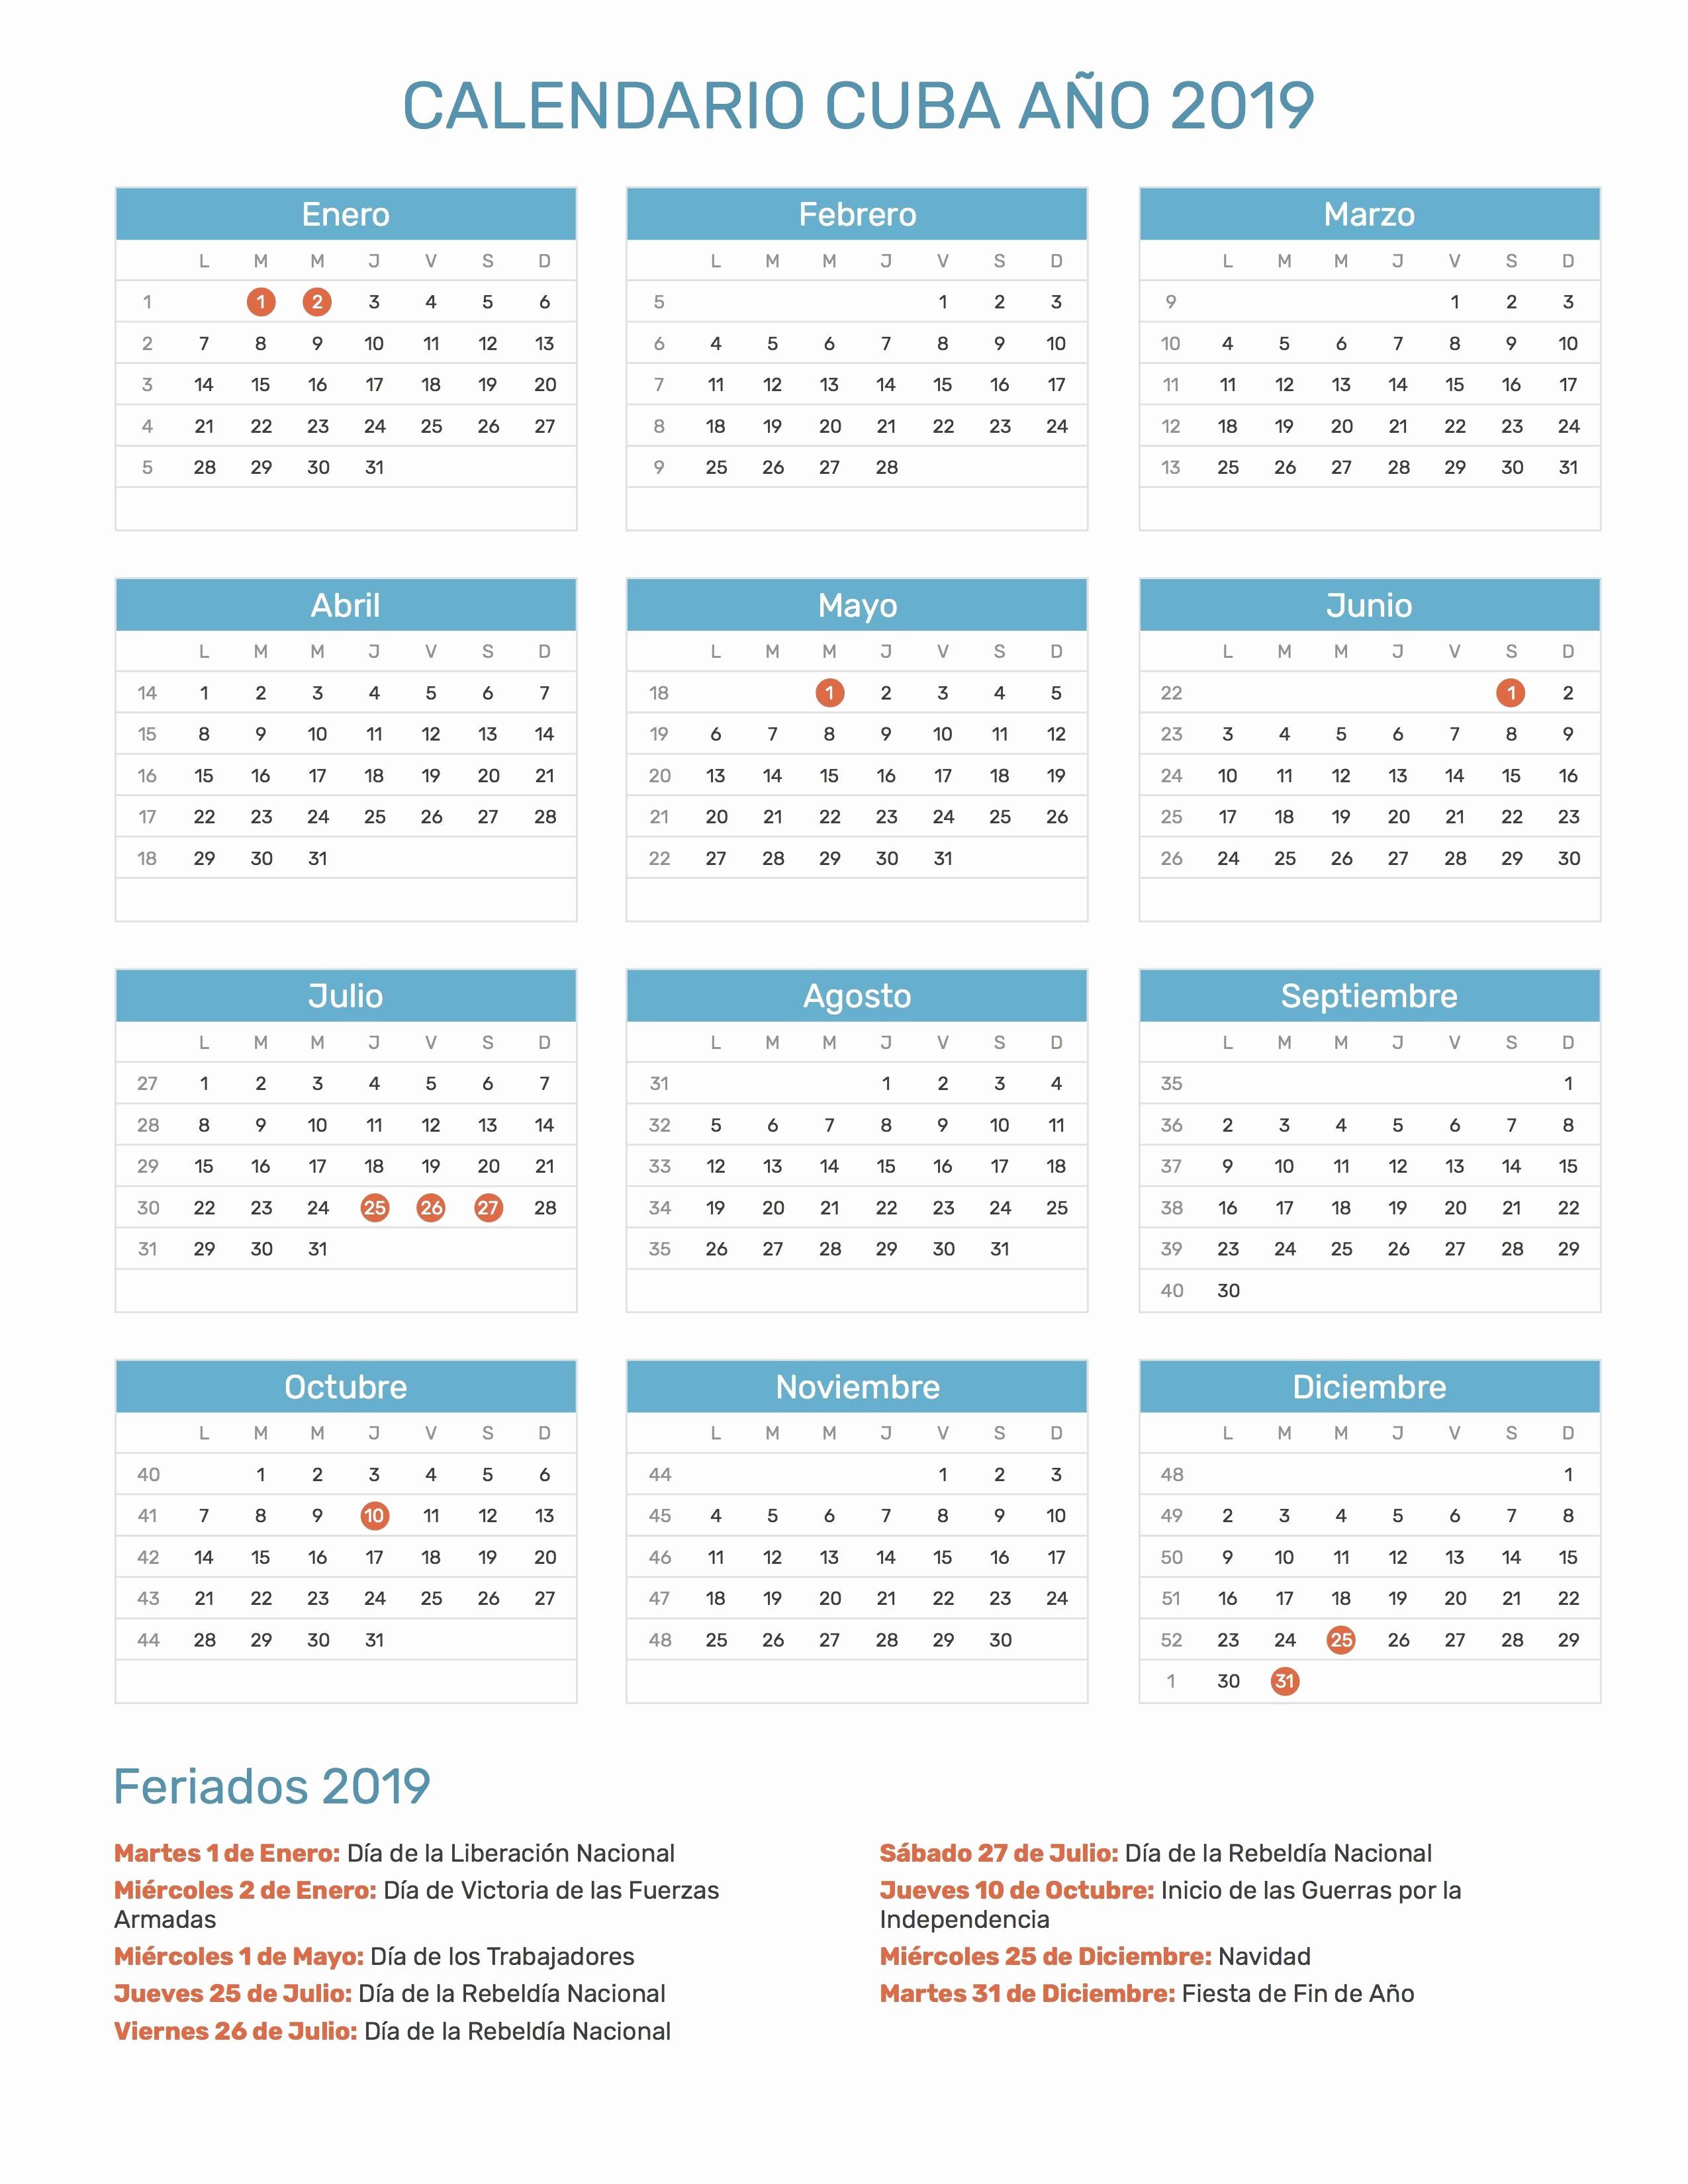 Calendario Ferias Brasil 2019 Más Actual Calendario De Dividendos Telefonica 2019 Calendario 2019 Nuevo Of Calendario Ferias Brasil 2019 Más Arriba-a-fecha Diario 21 12 2018